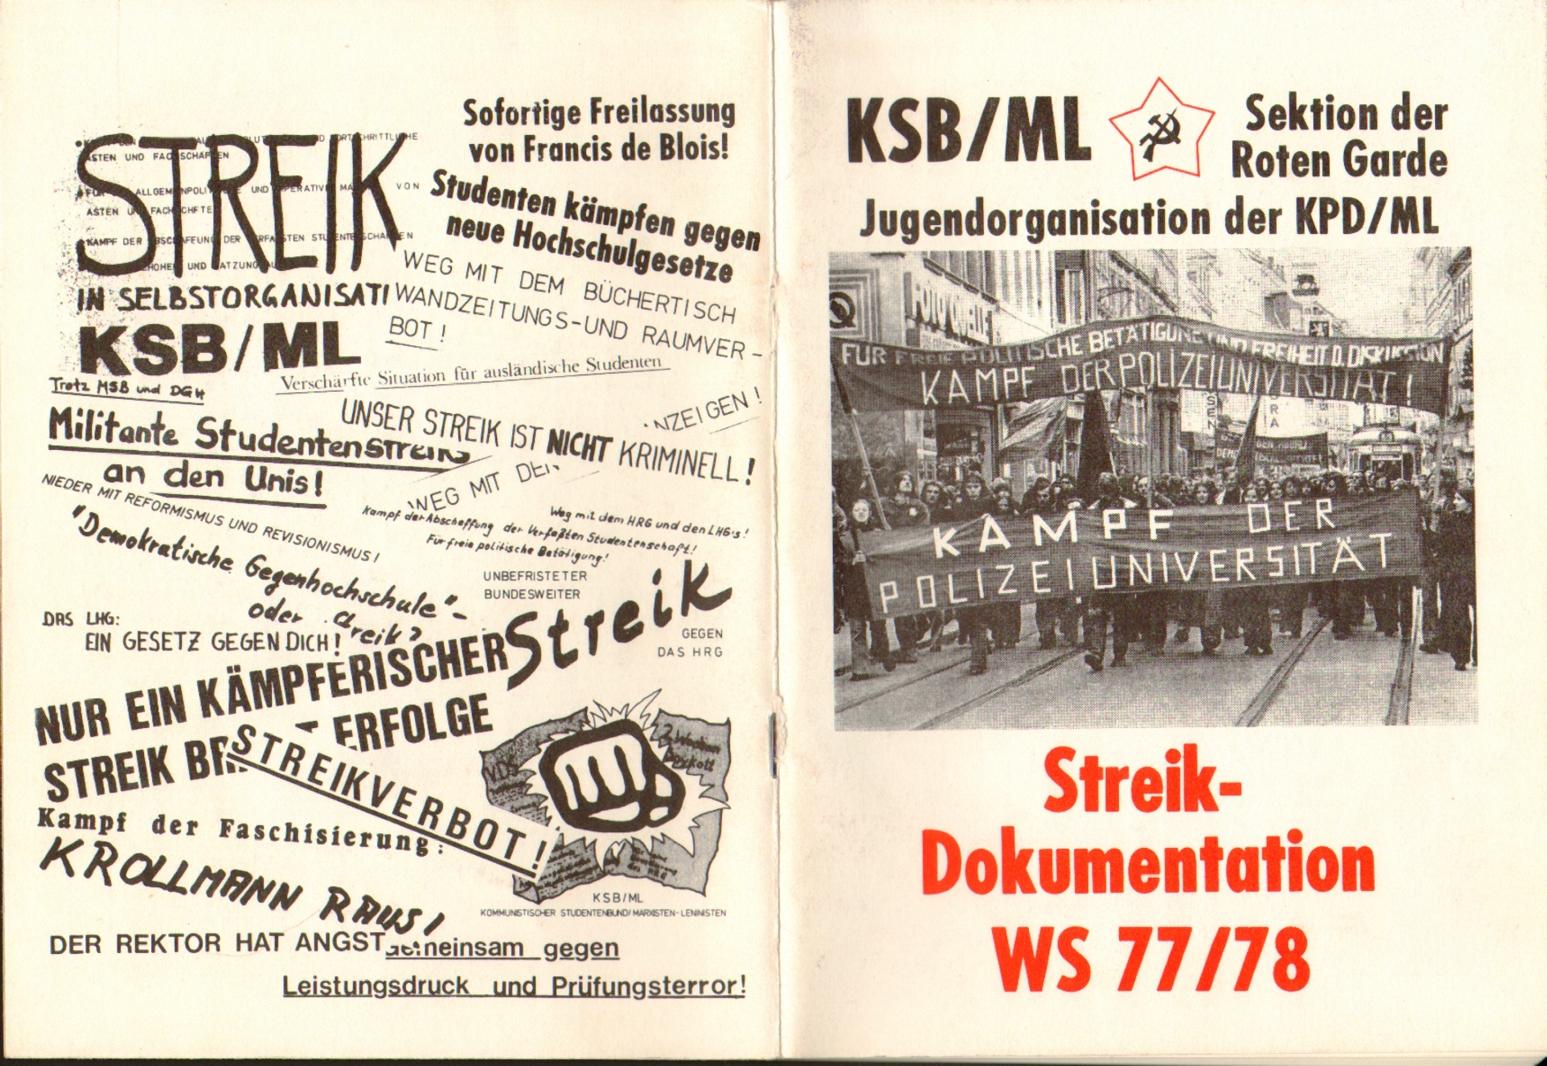 KSBML_1978_Streikdokumentation_WS_77_78_01